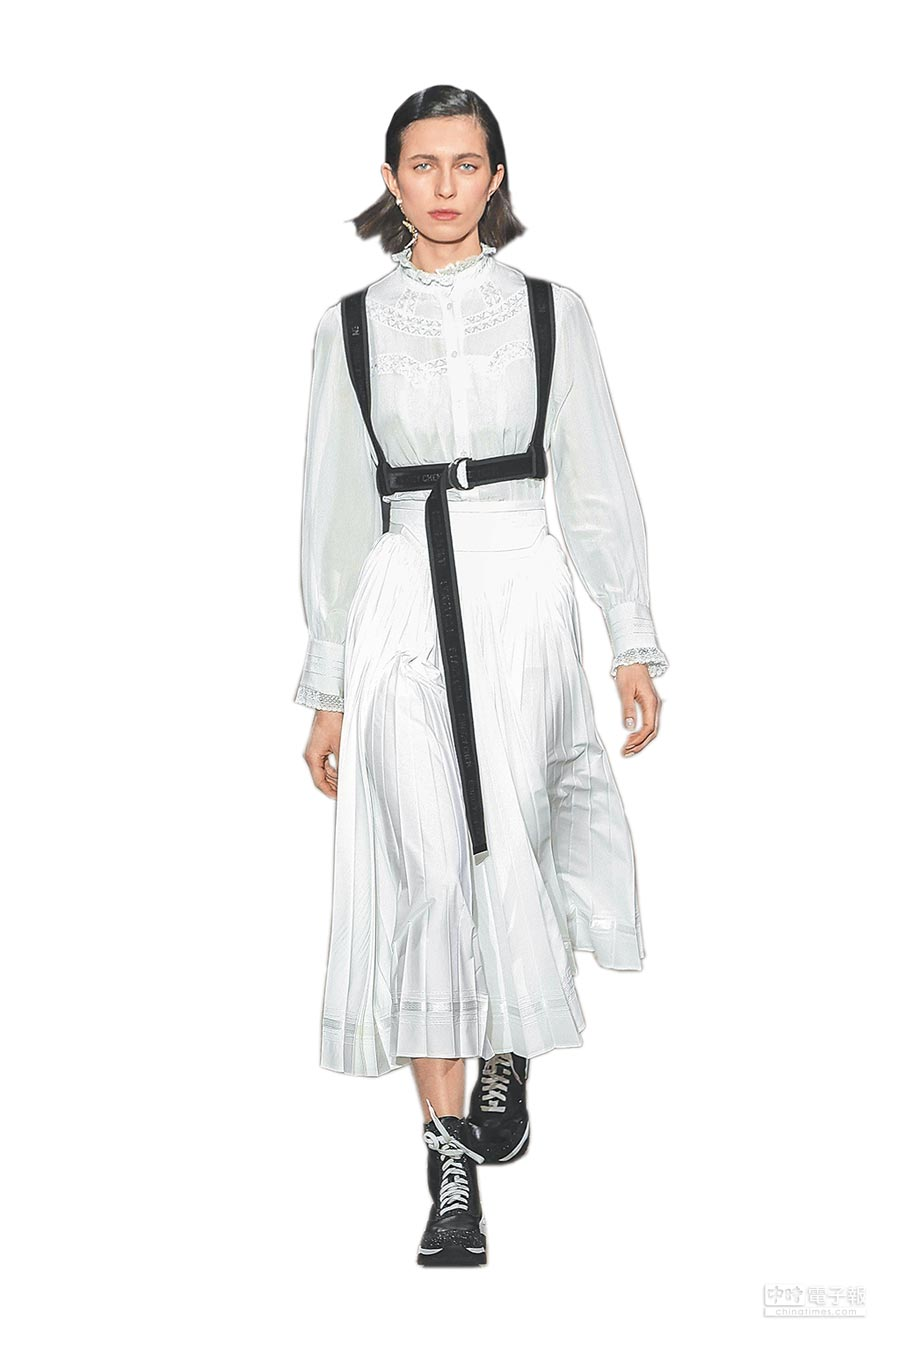 SHIATZY CHEN將苗族背兒帶的繫帶設計結合洋裝,讓柔美洋裝多了潮流運動氣息。(SHIATZY CHEN提供)